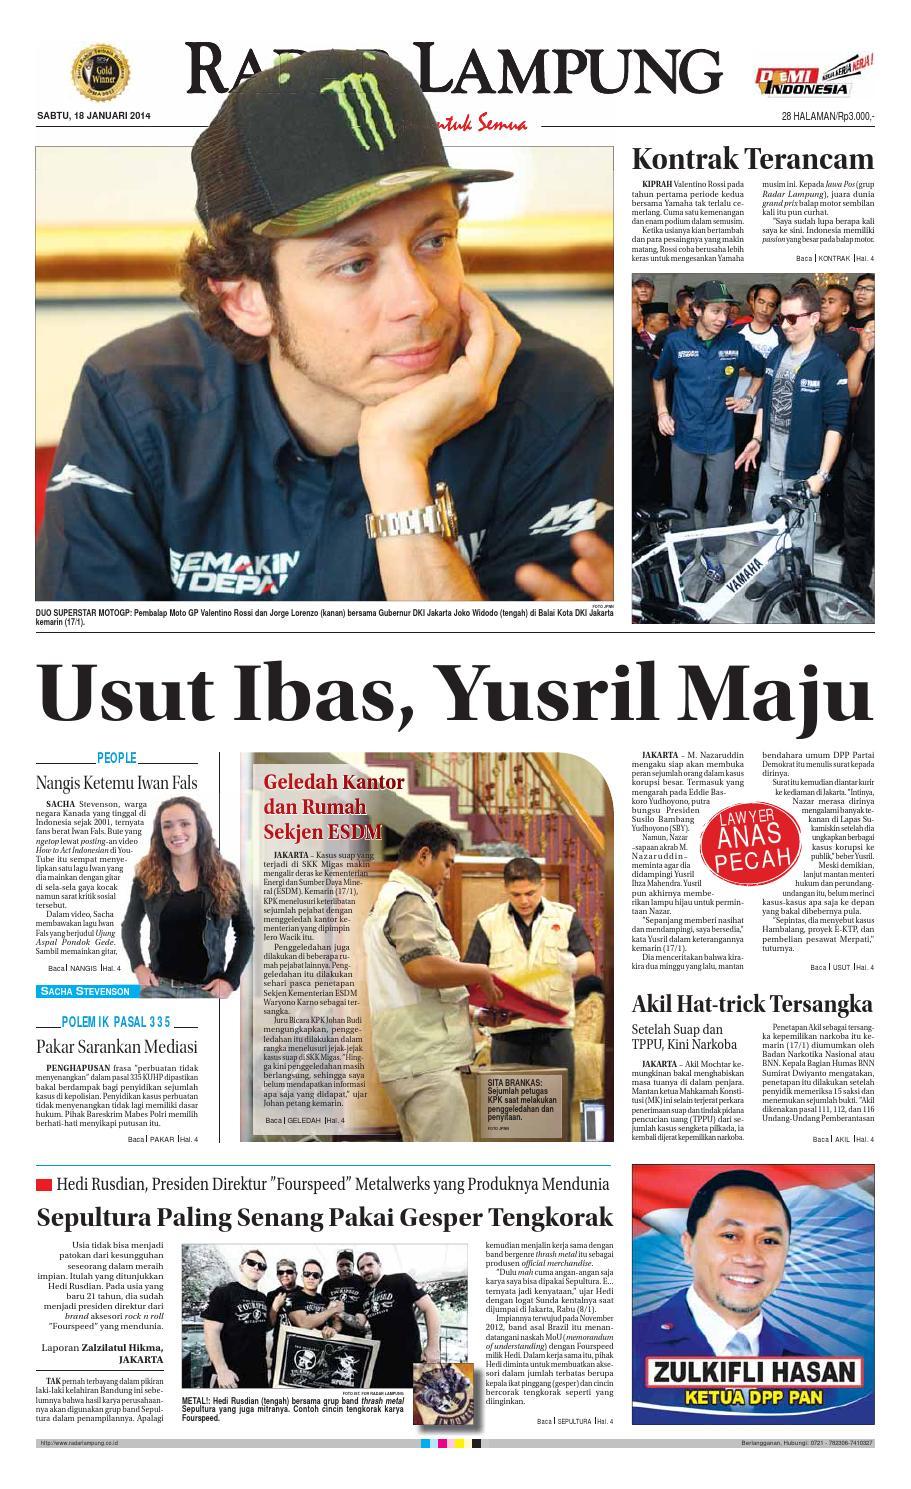 Radar Lampung Sabtu 18 Januari 2014 By Ayep Kancee Issuu Produk Ukm Bumn Bunge Tanjung Betabur